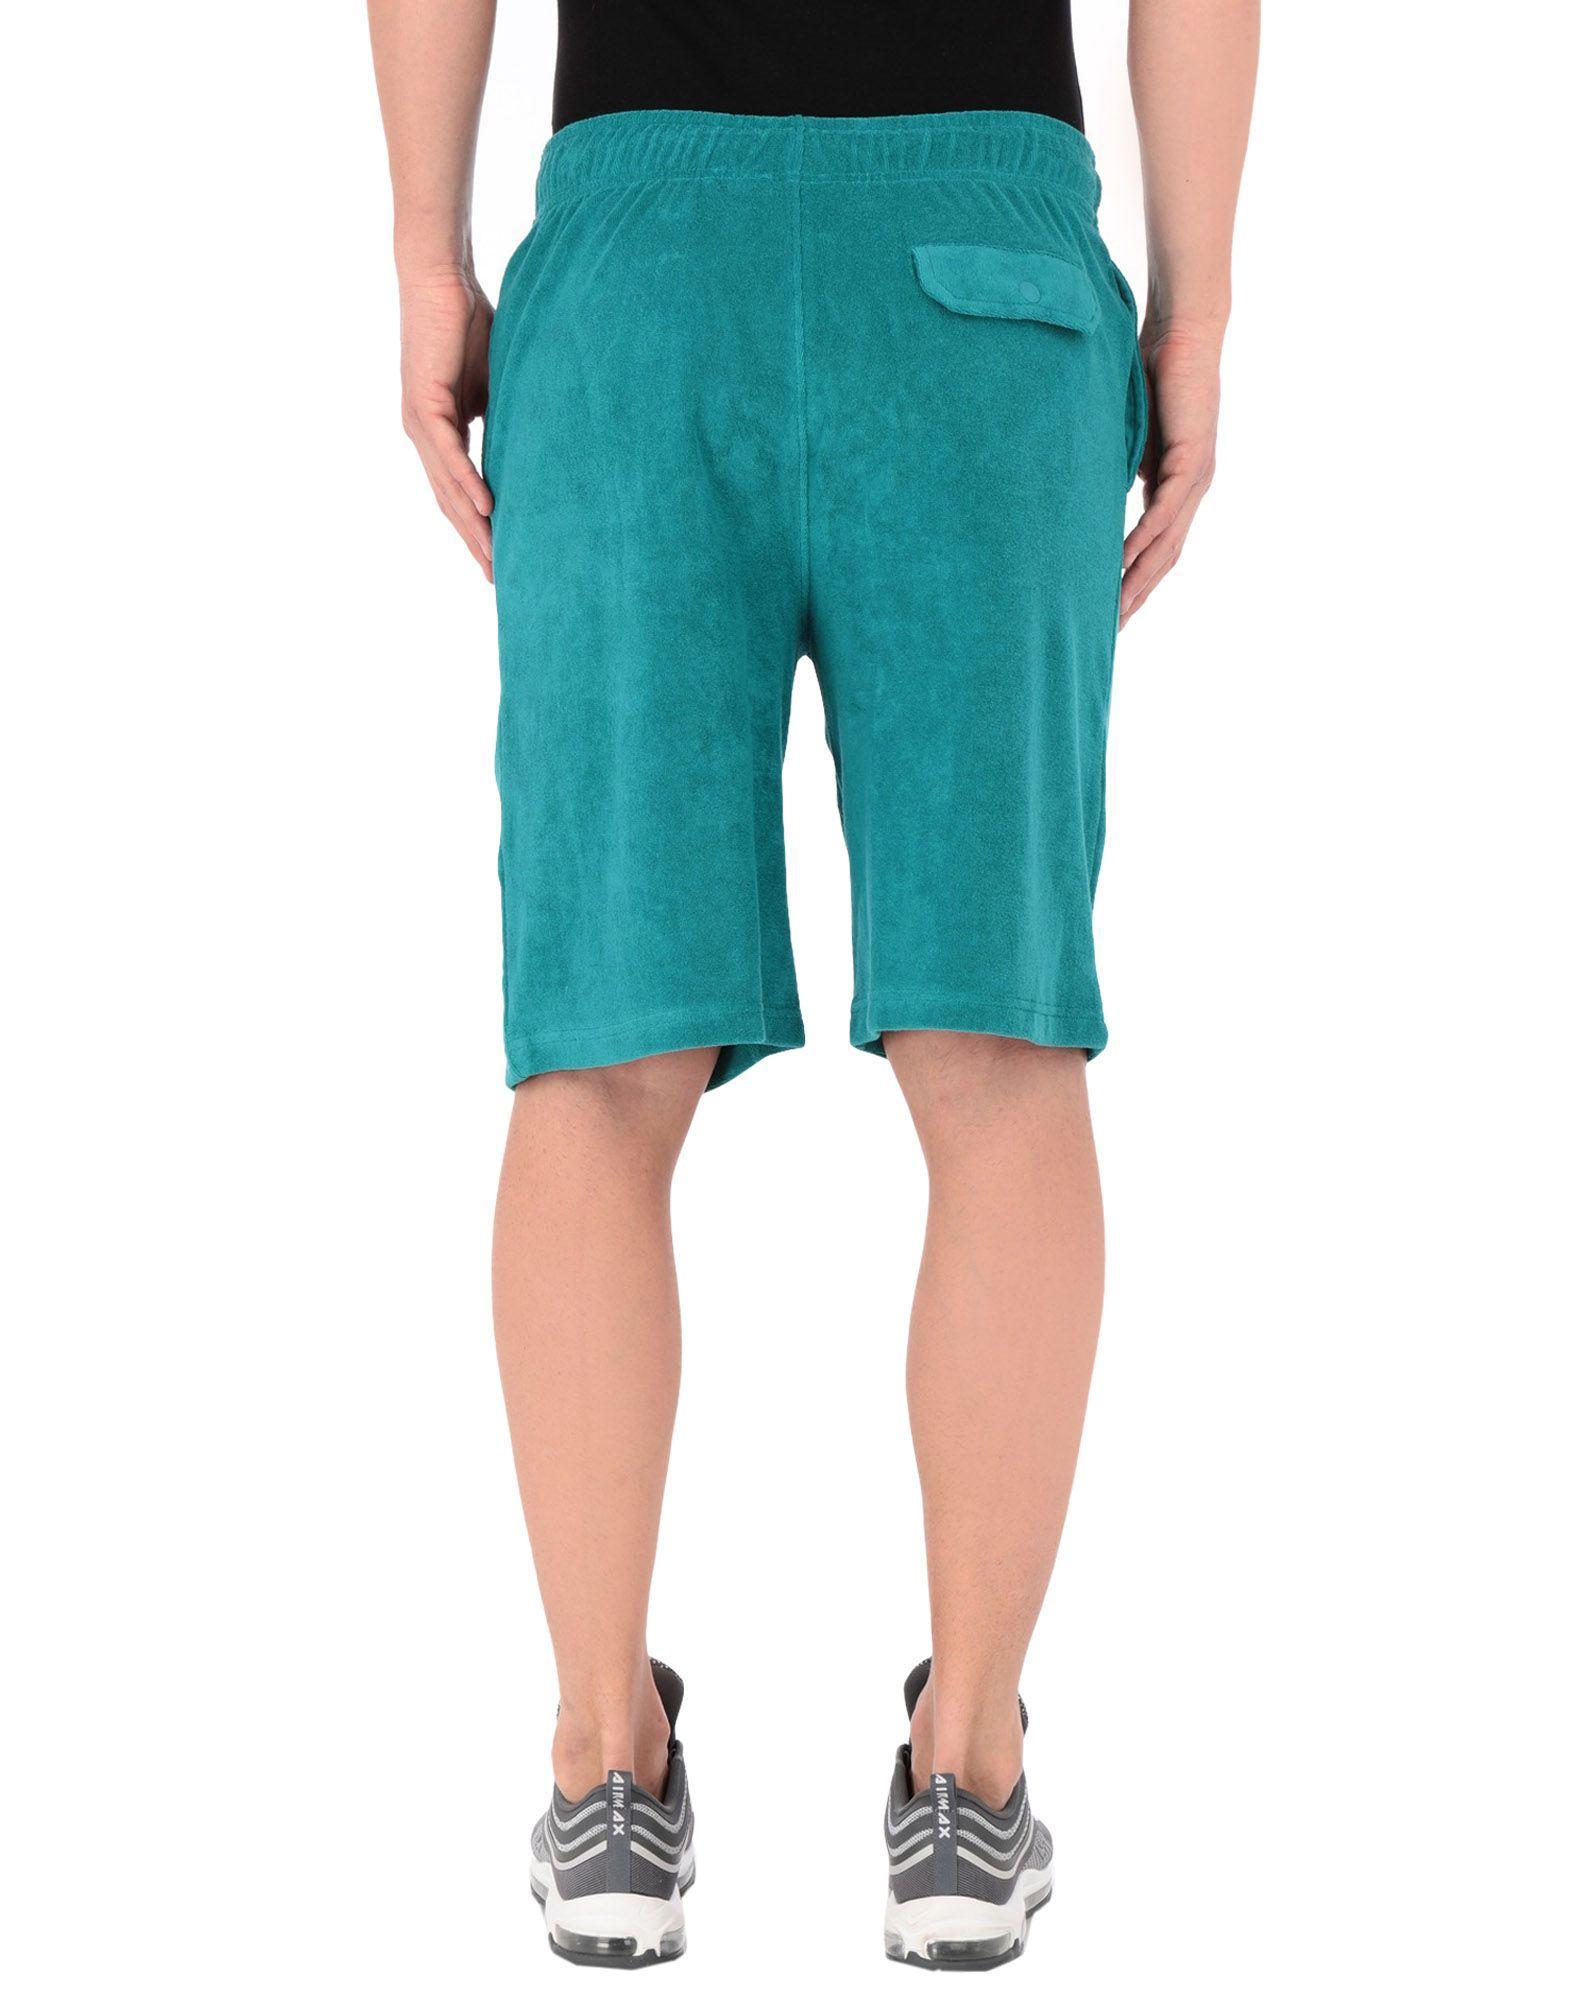 dffcc6e05a7c1 Fila Bermuda Shorts in Blue for Men - Lyst